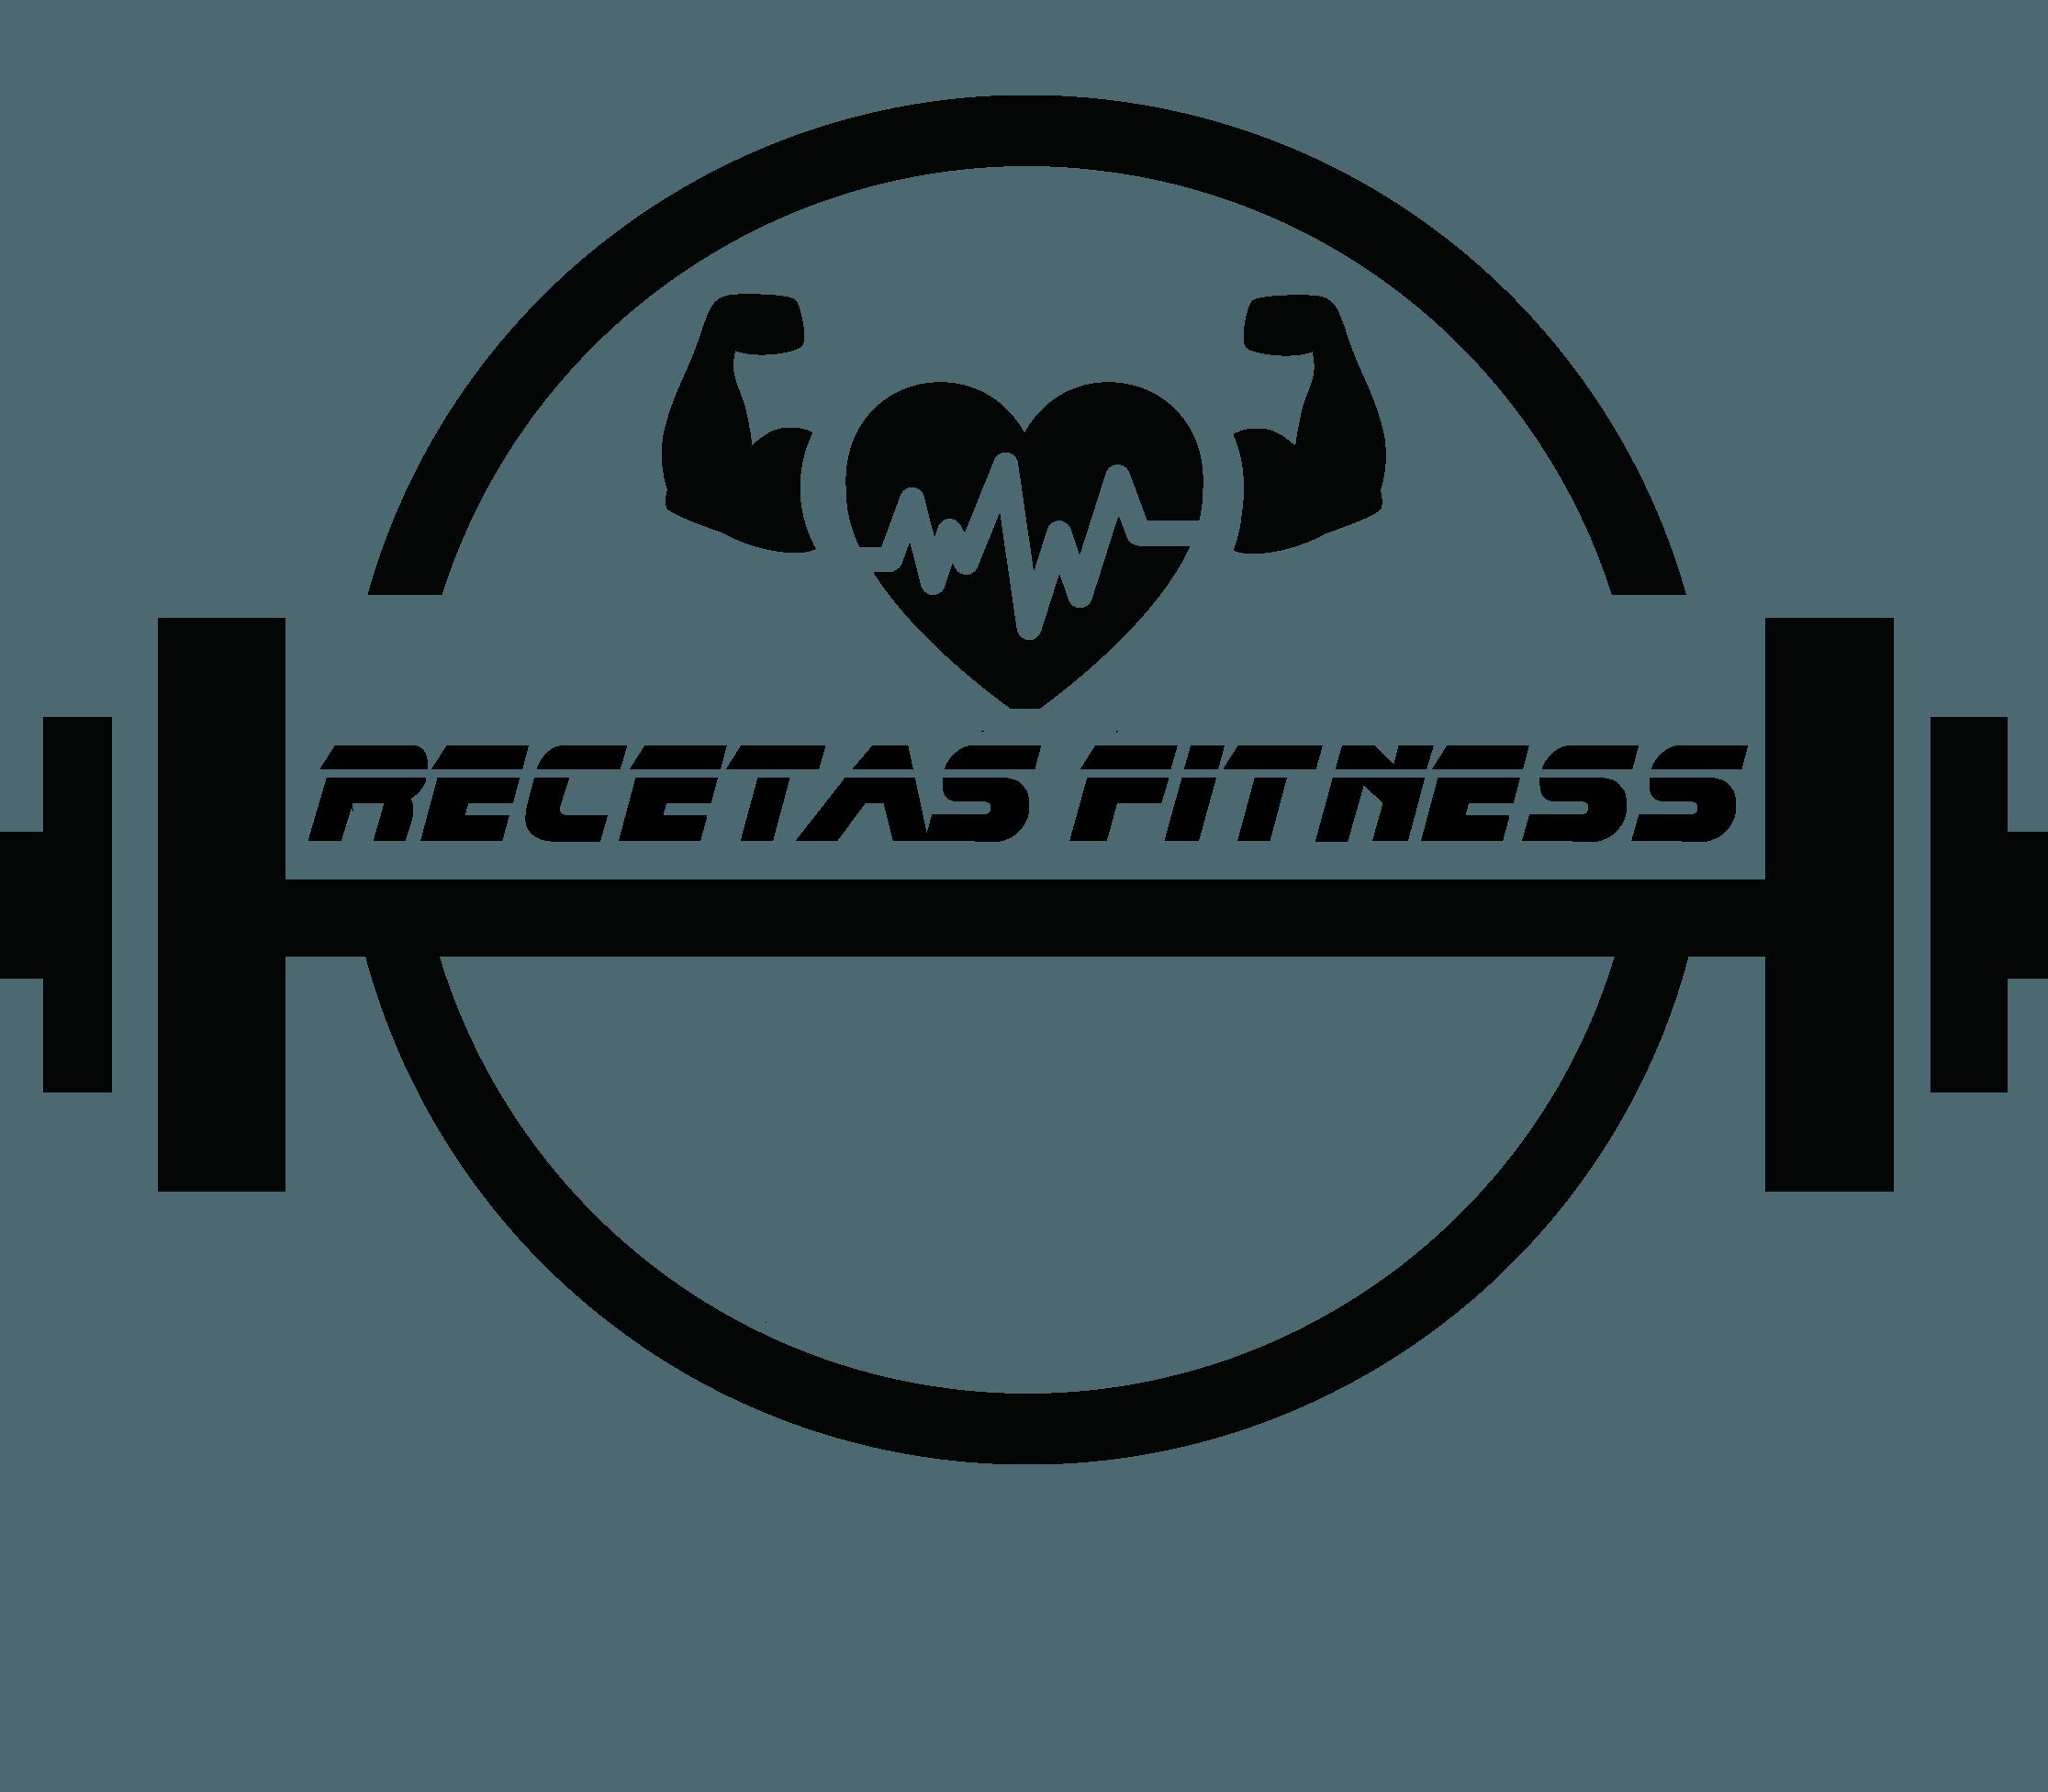 Logo-Recetas-fitness.png